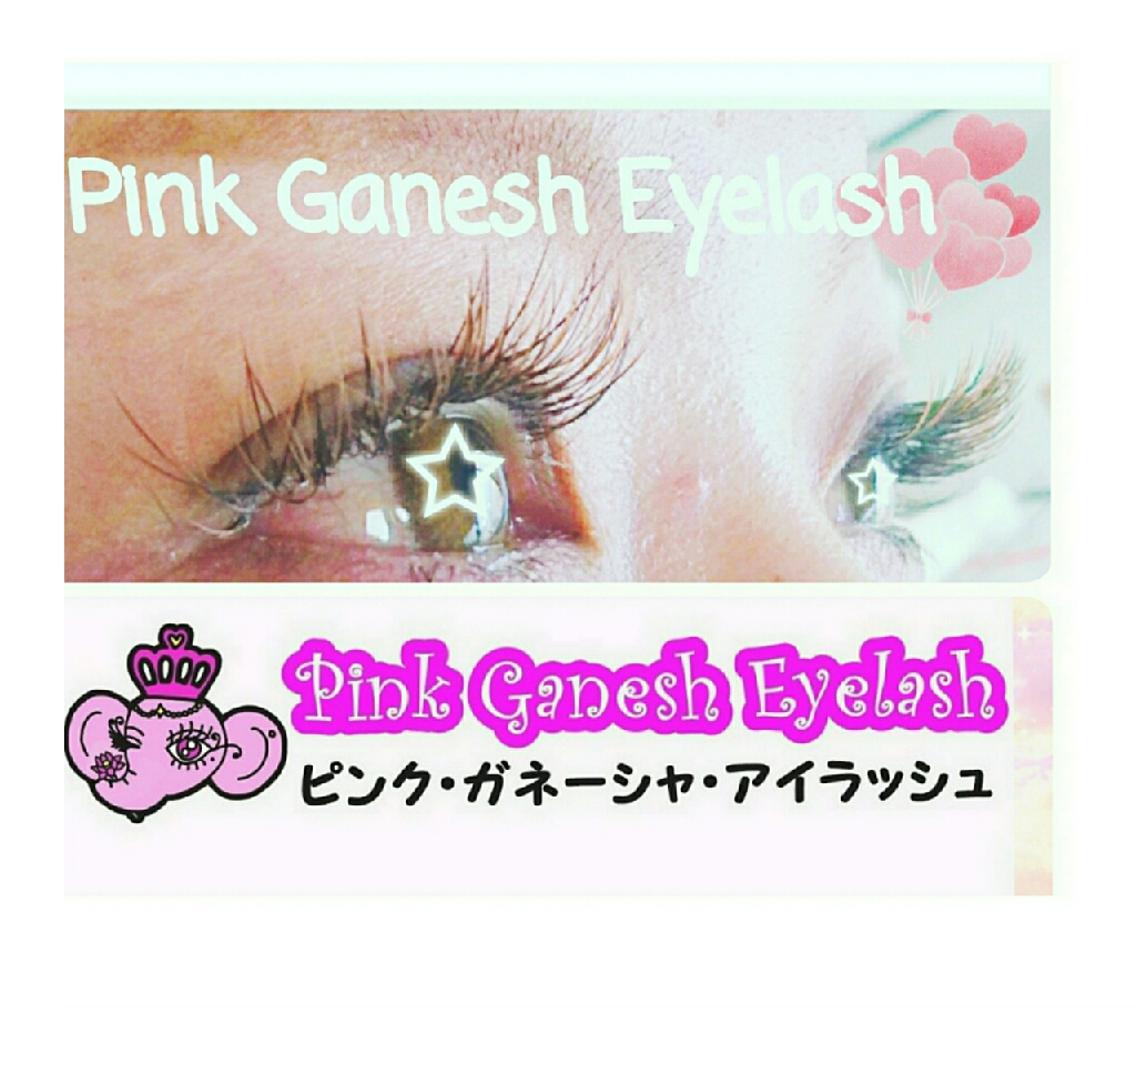 Pink Ganesh Eyelash所属・鴨川ゆかの掲載